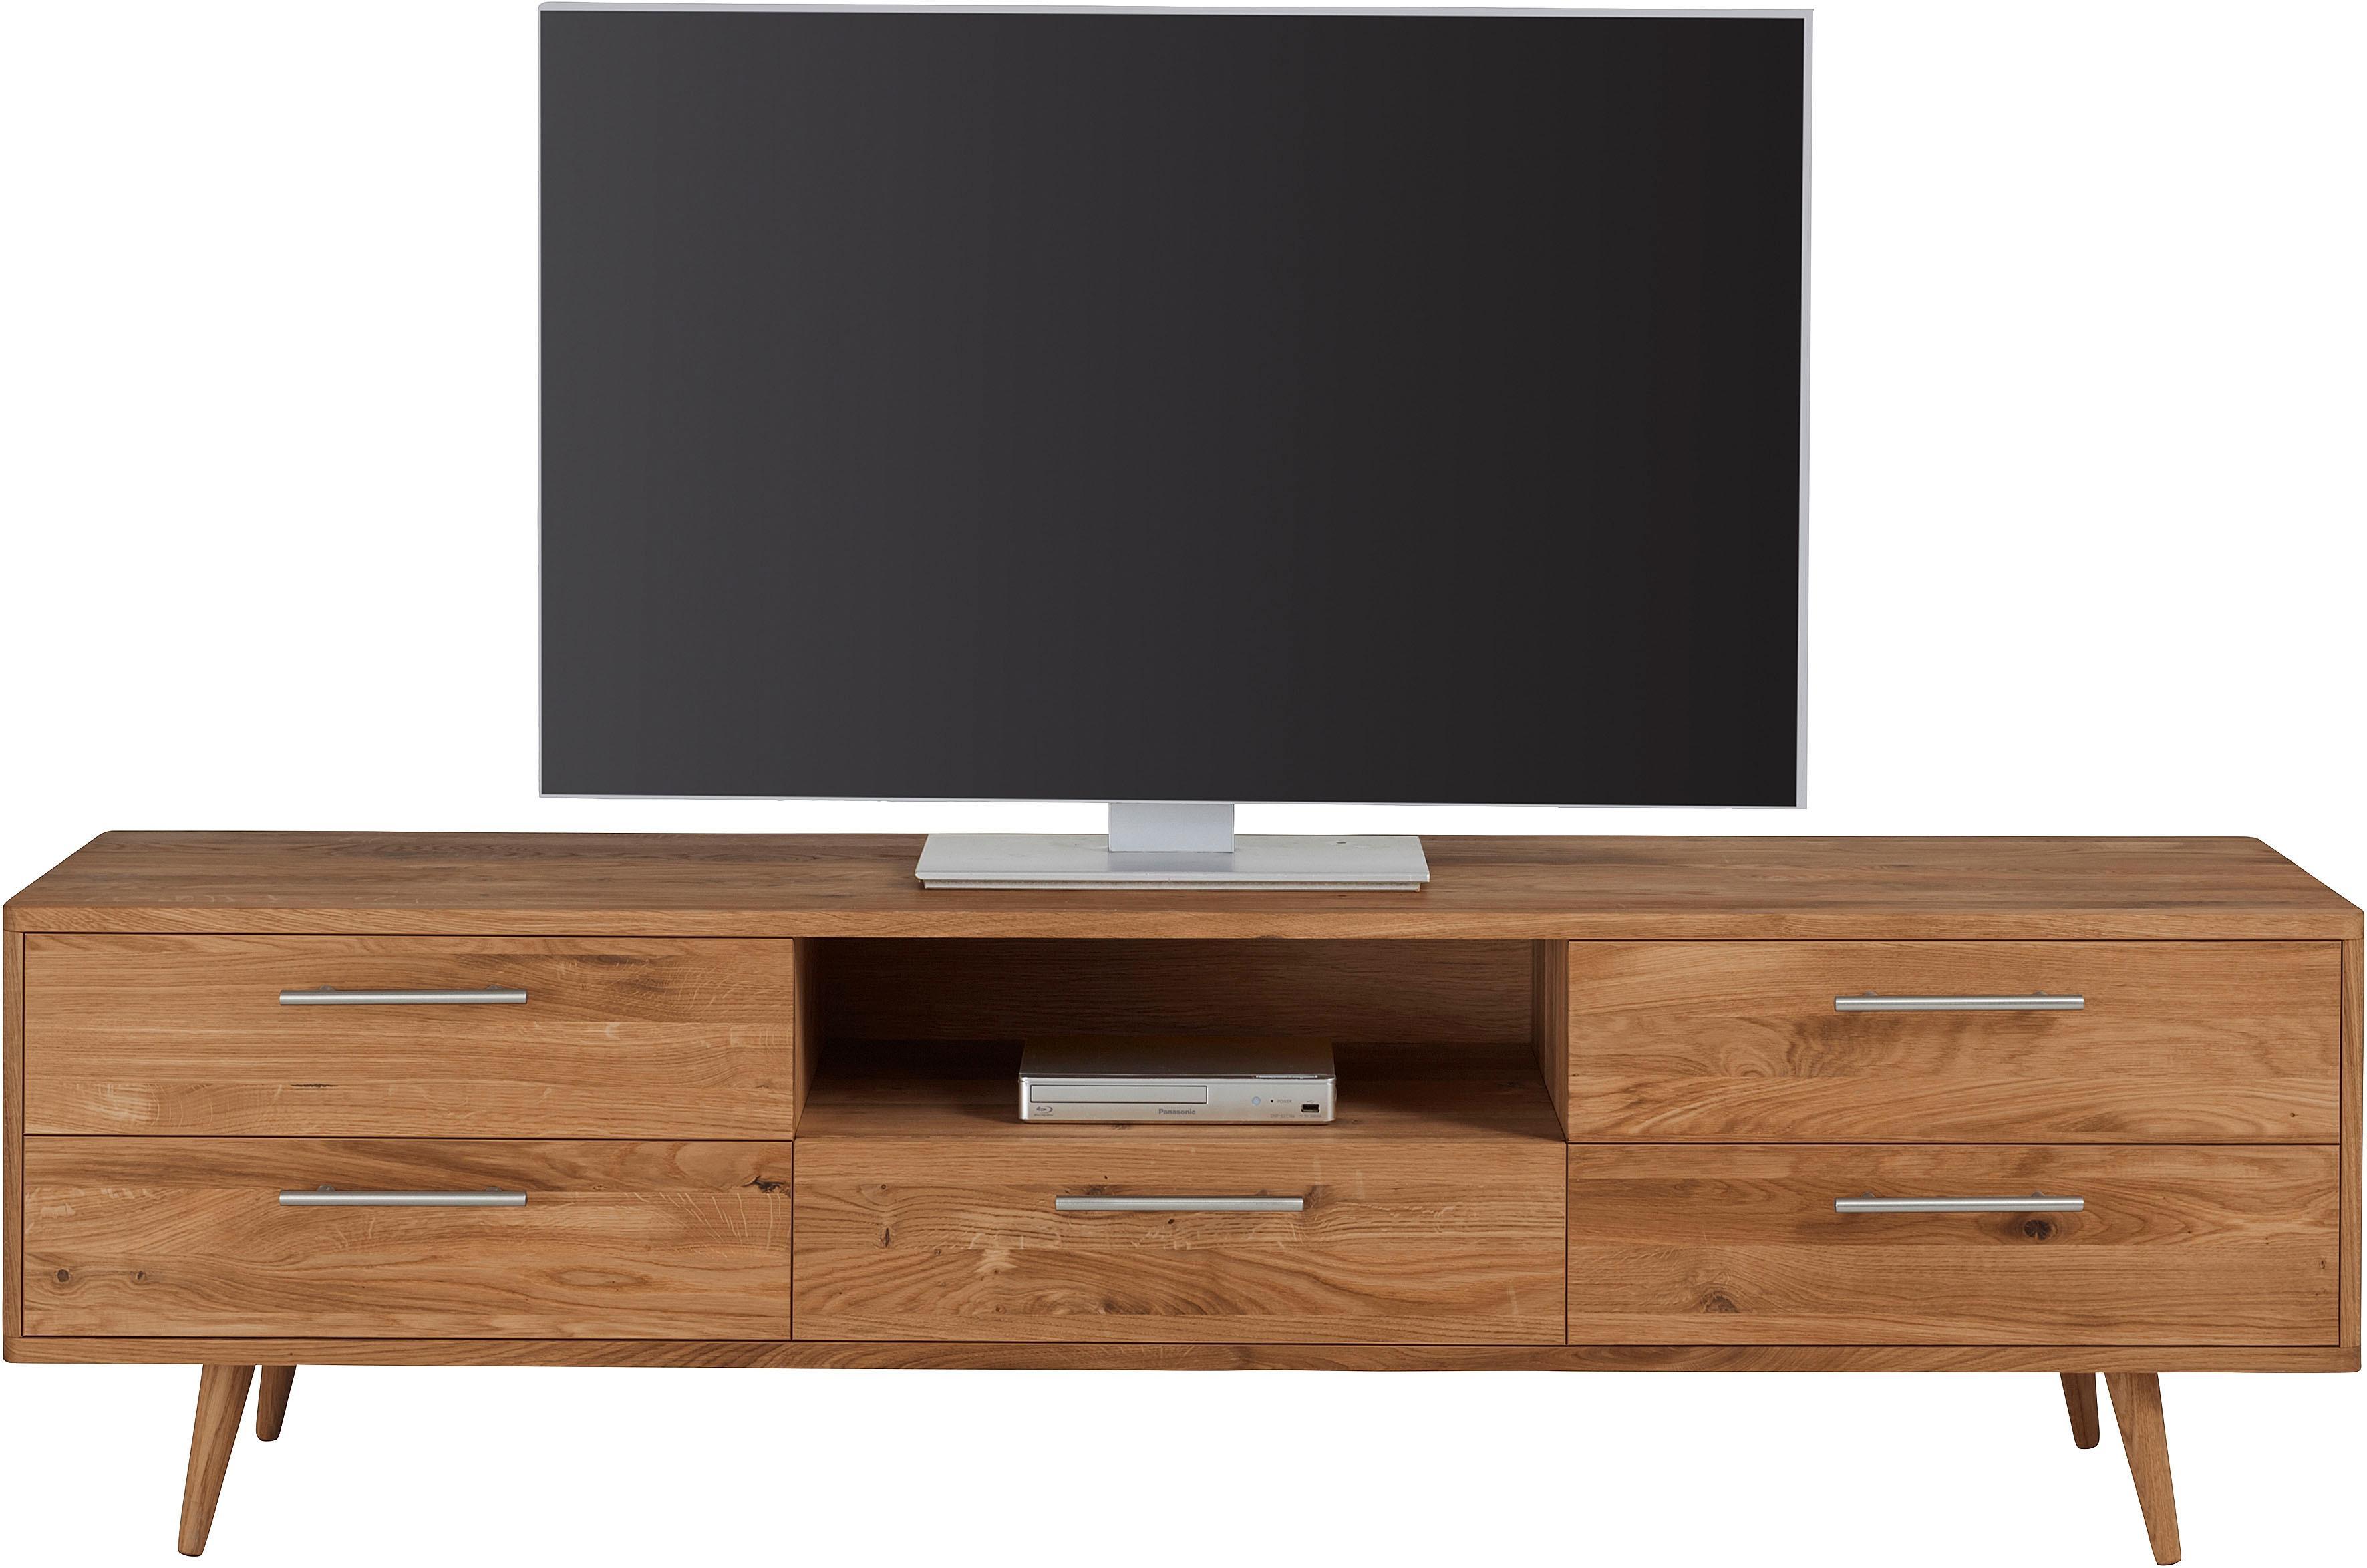 andas TV-Lowboard Pika Breite 180 cm aus massiver geölter Eiche